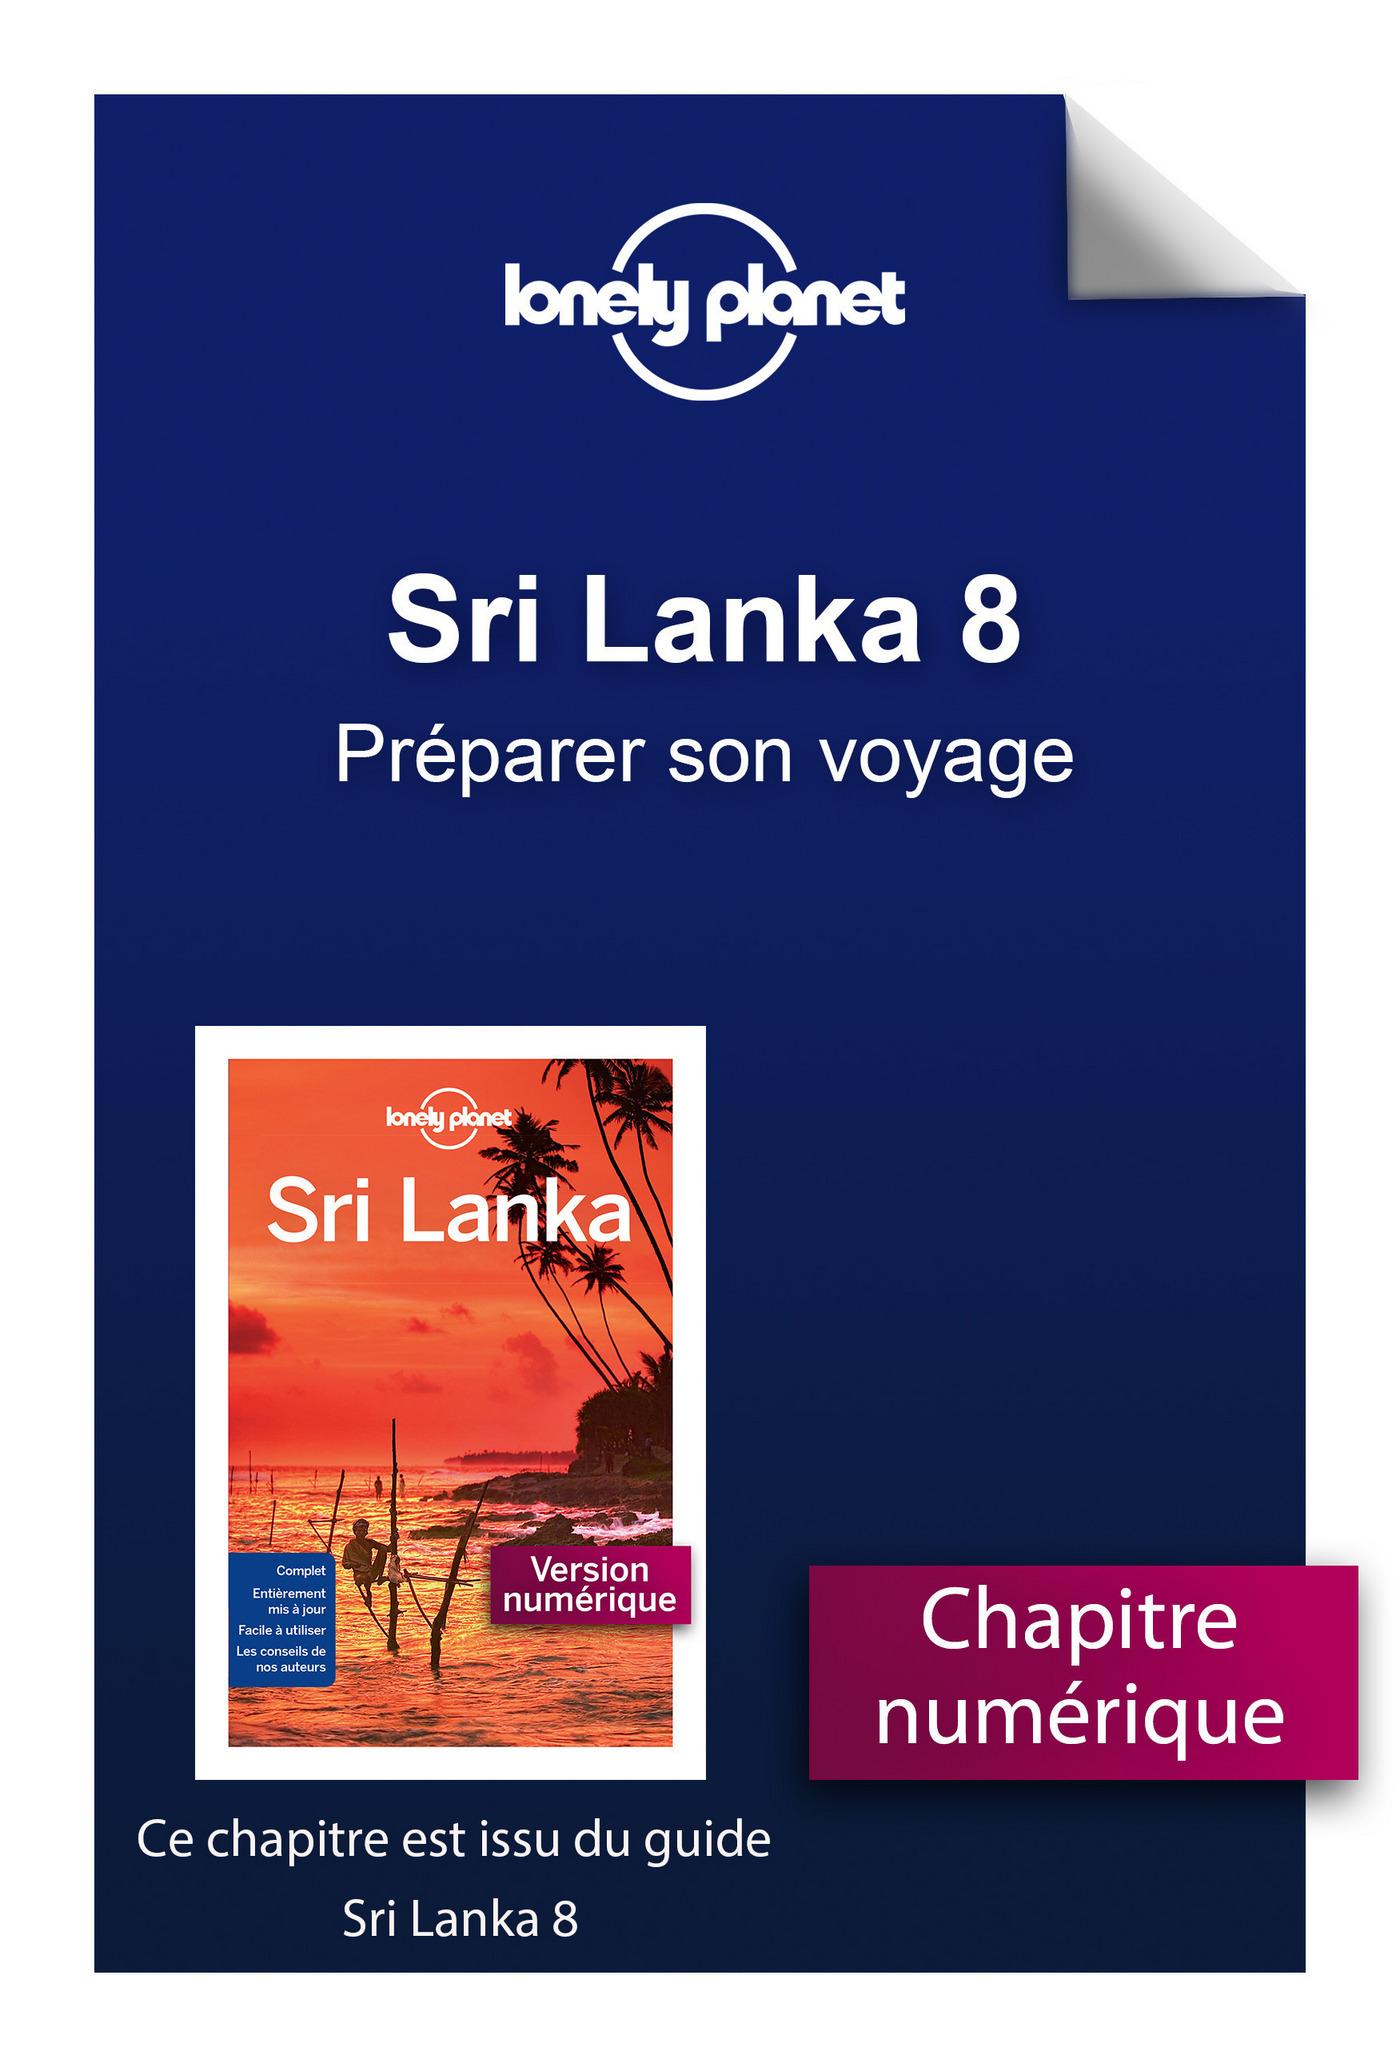 Sri Lanka 8 - Préparer son voyage